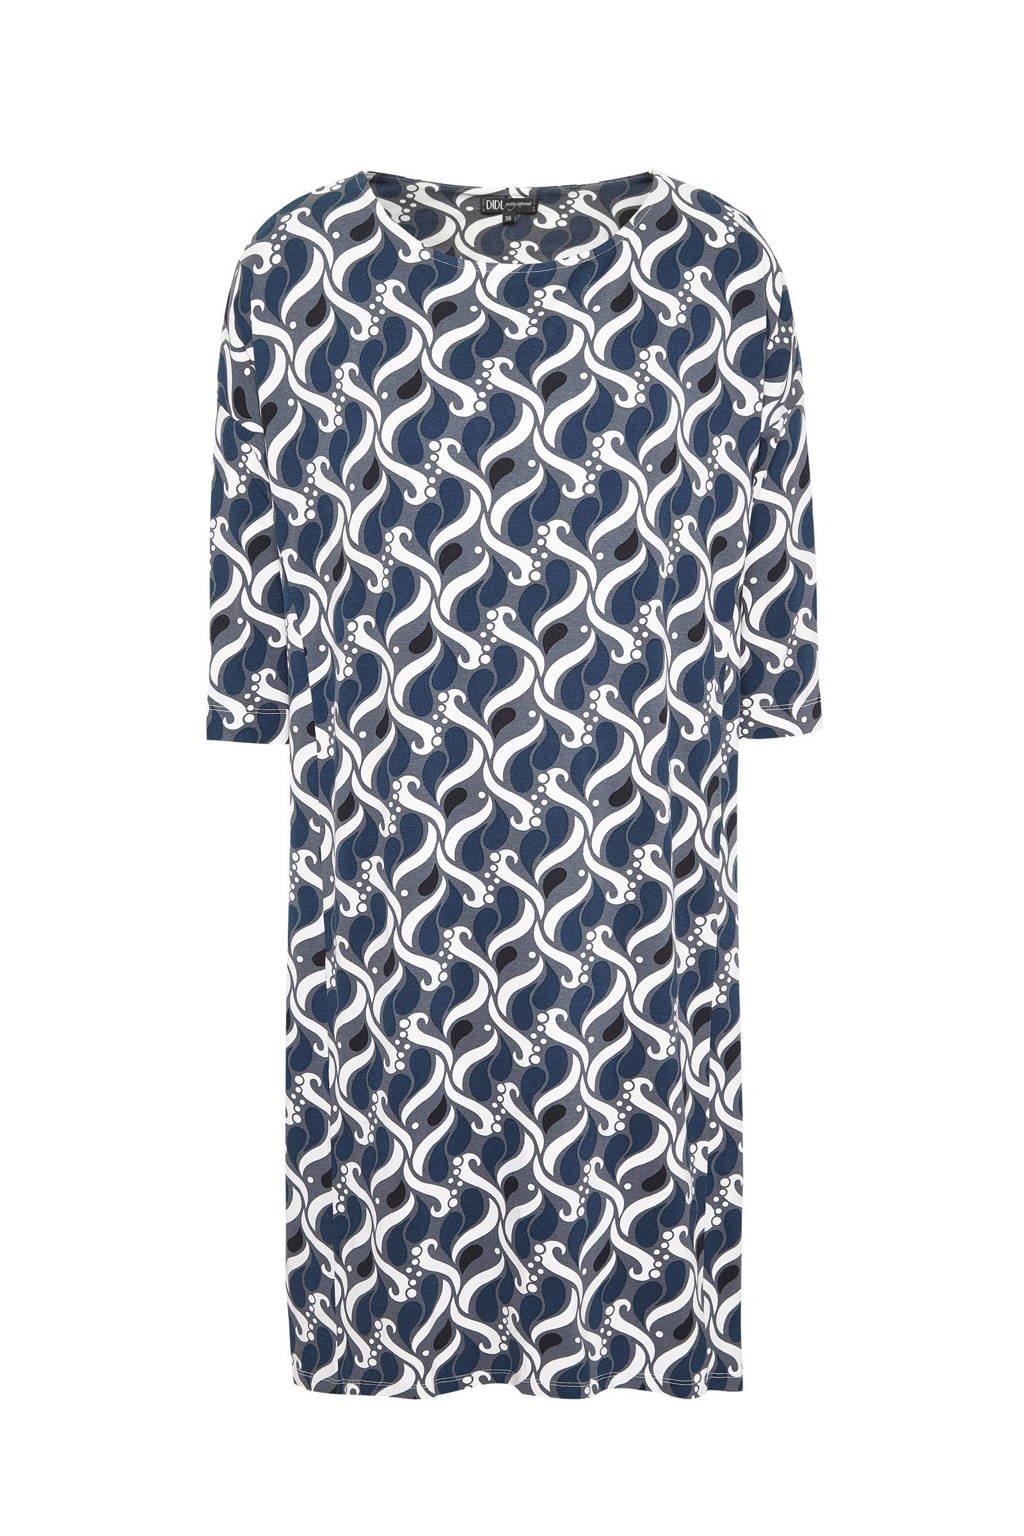 Didi jurk met all over print antraciet, Antraciet